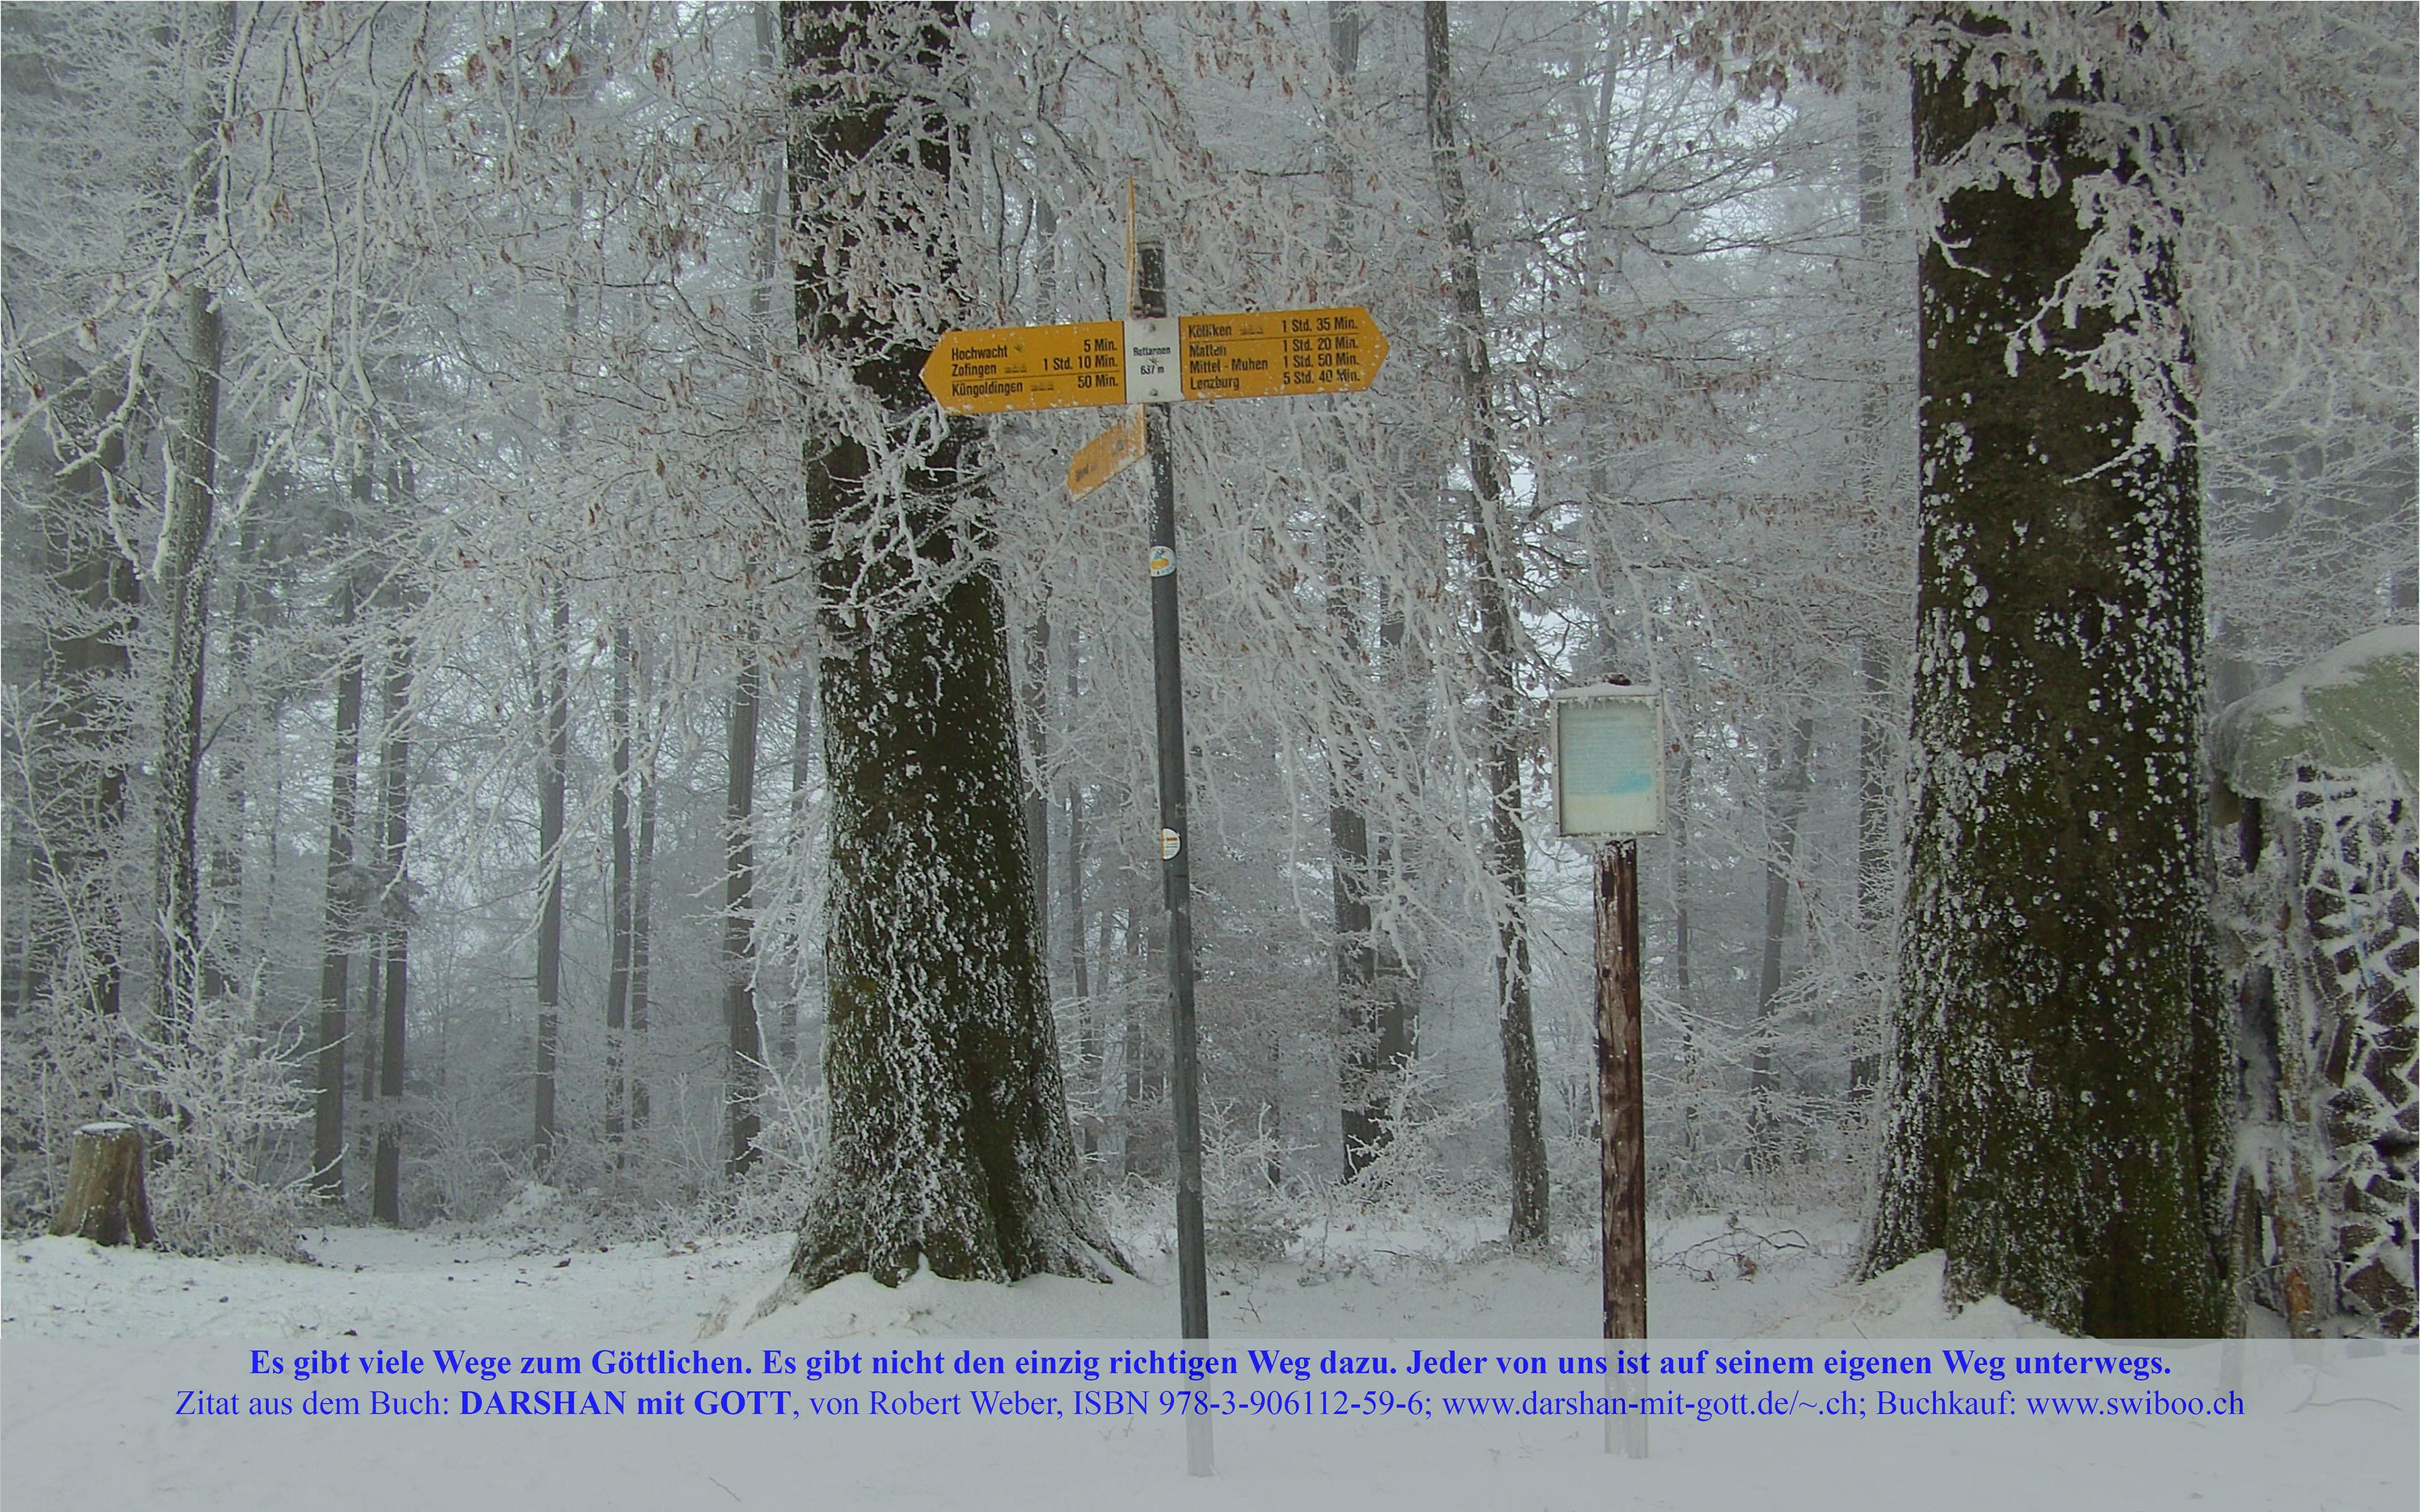 DARSHAN mit GOTT: Es gibt viele Wege zum Göttlichen. ..., Winterwald mit Wegweisern